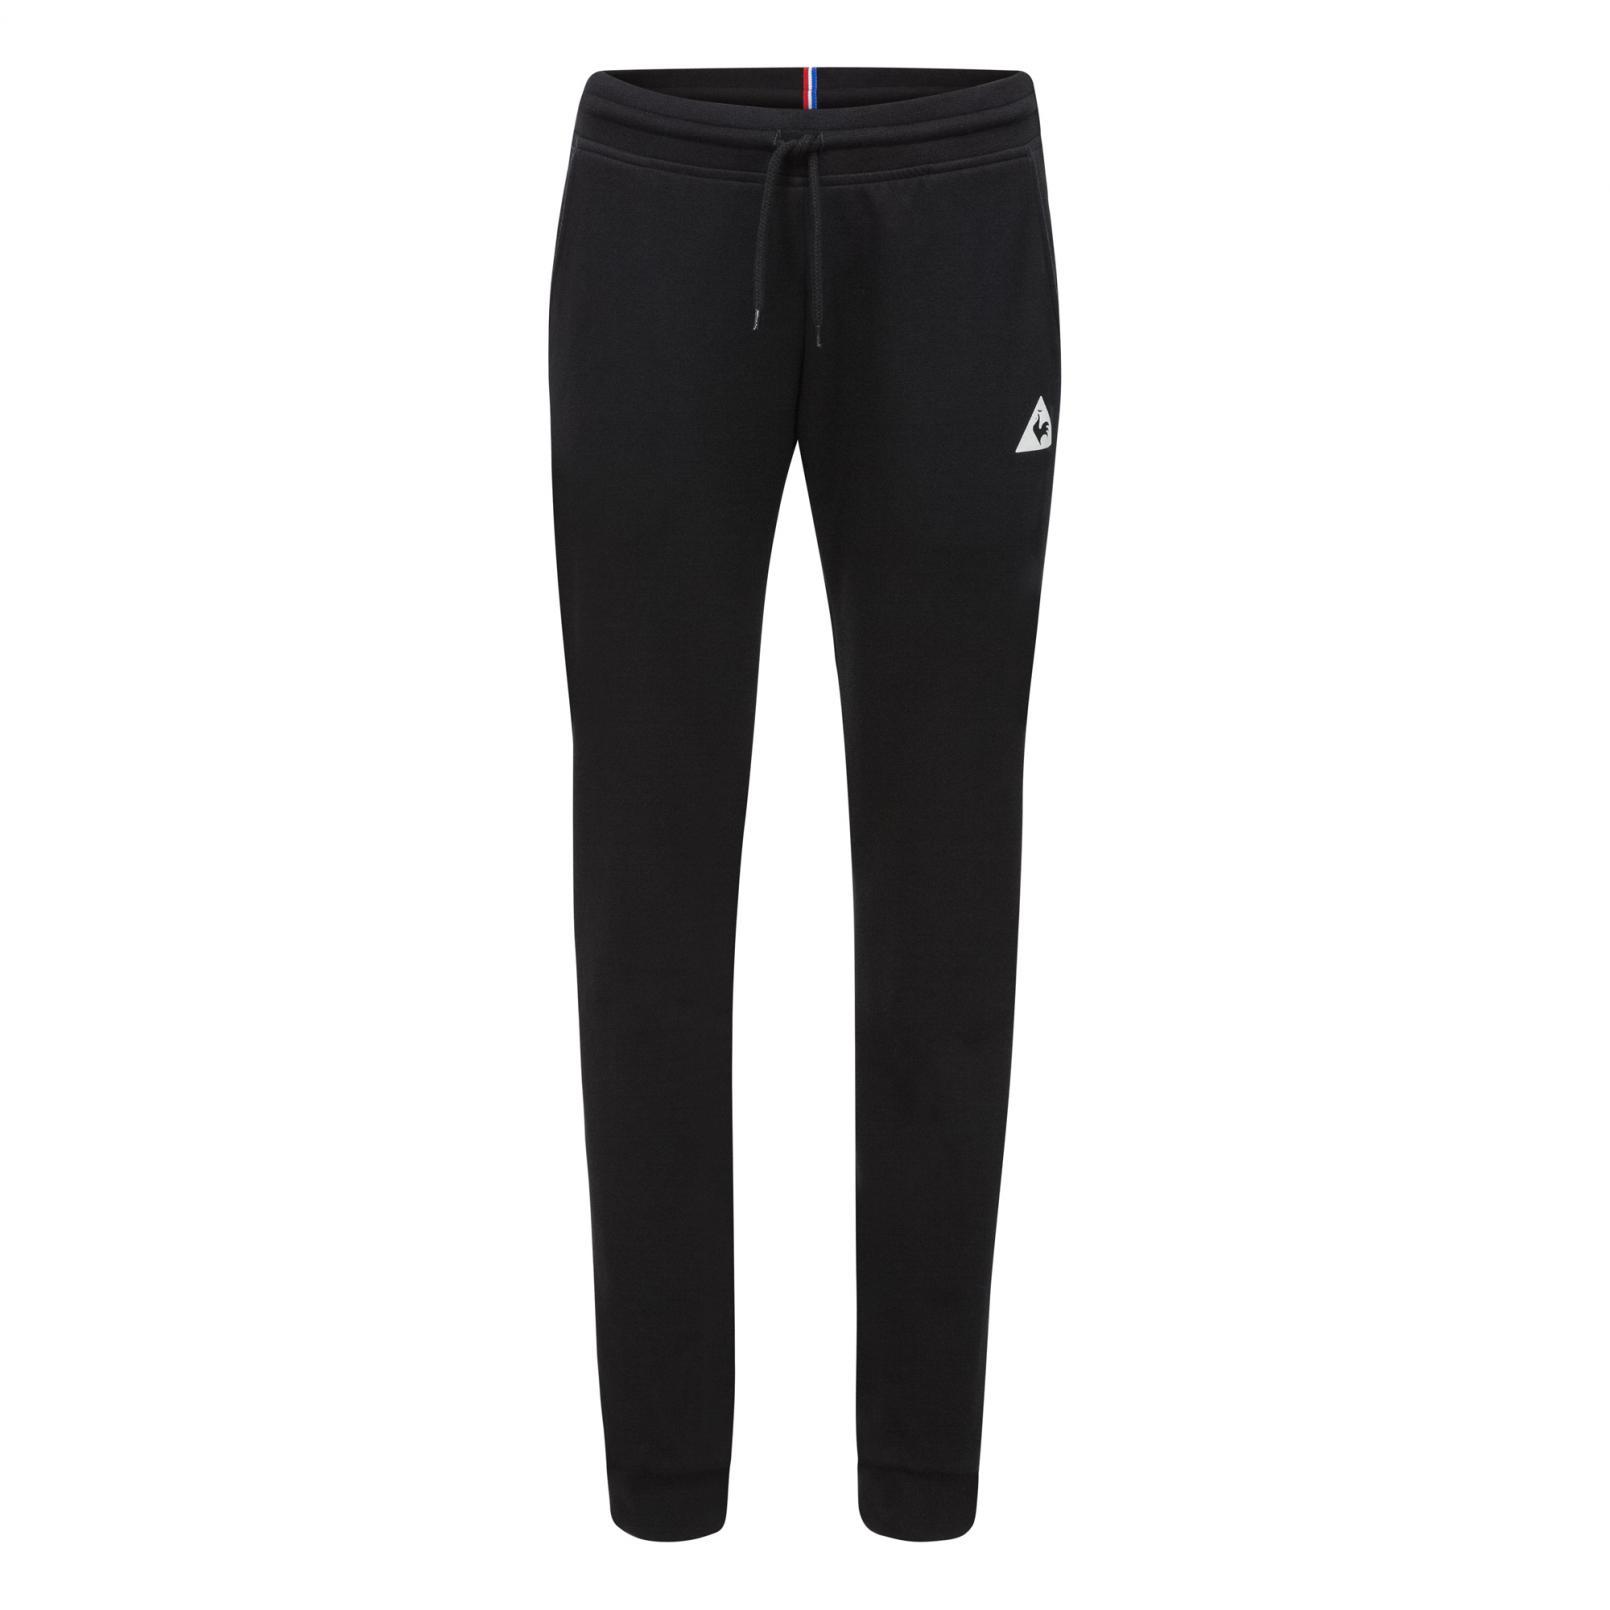 Pants – Le Coq Sportif Essentiels Pant Slim Black